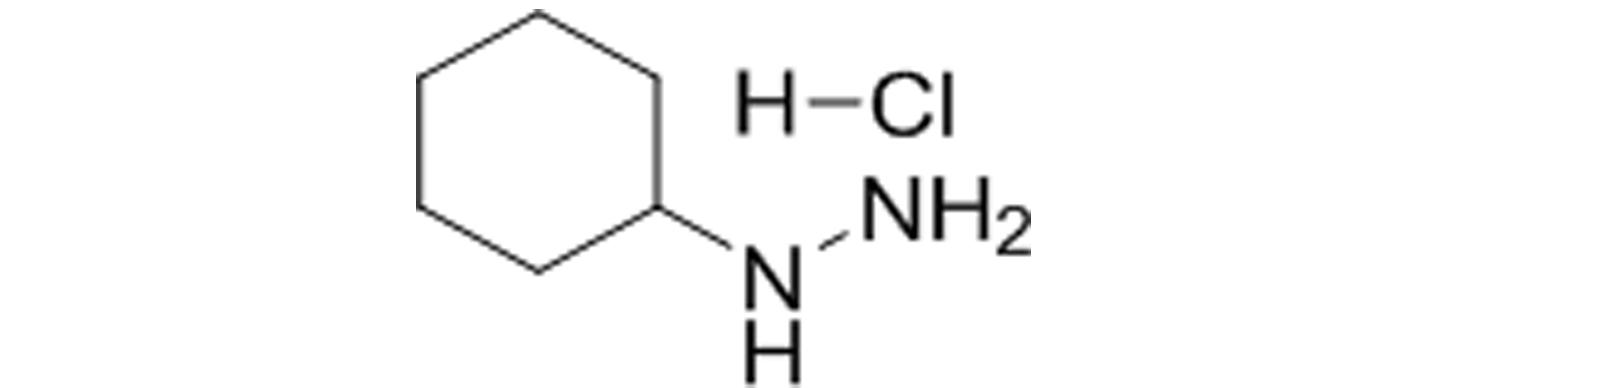 宁波环己基肼盐酸盐公司,环己基肼盐酸盐